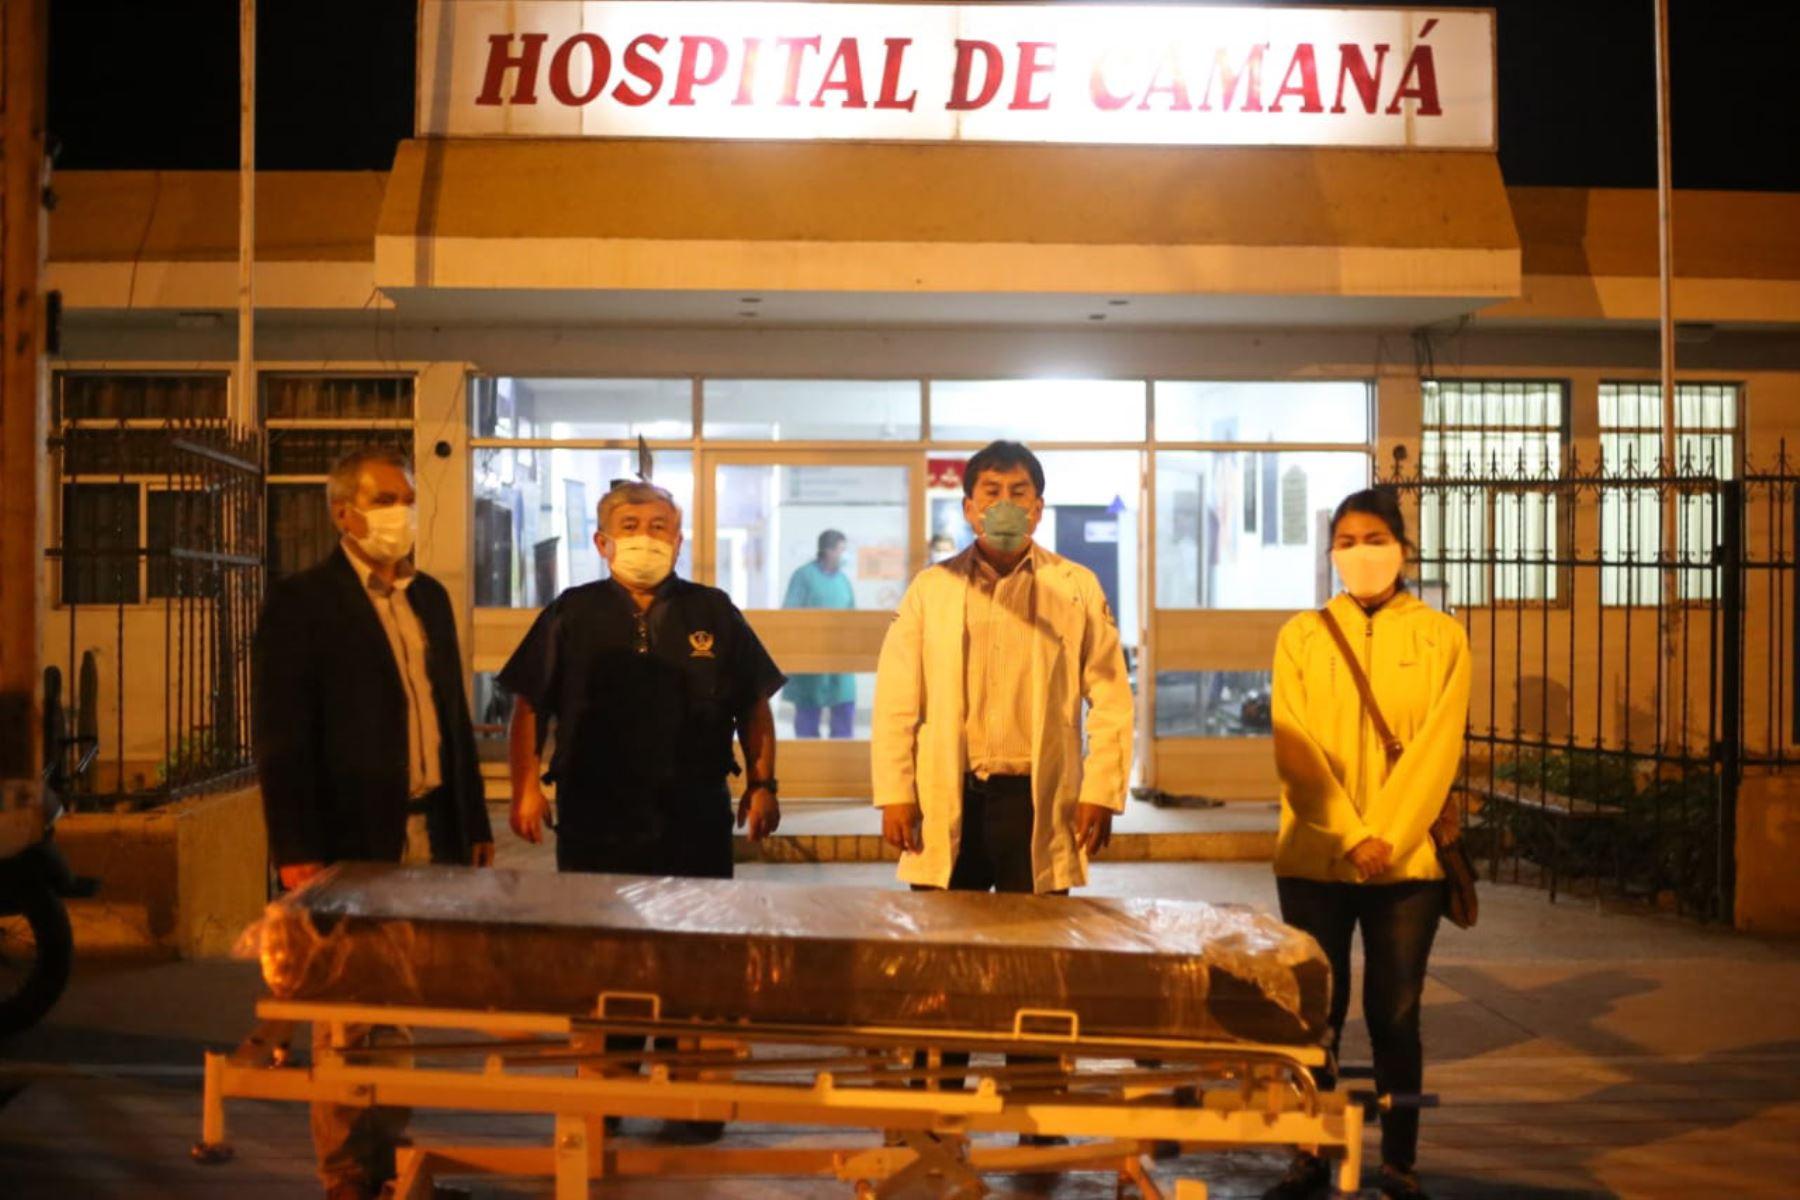 El Hospital de Camaná, en Arequipa, ahora cuenta con 25 camas de hospitalización para pacientes covid-19. Foto: ANDINA/Difusión